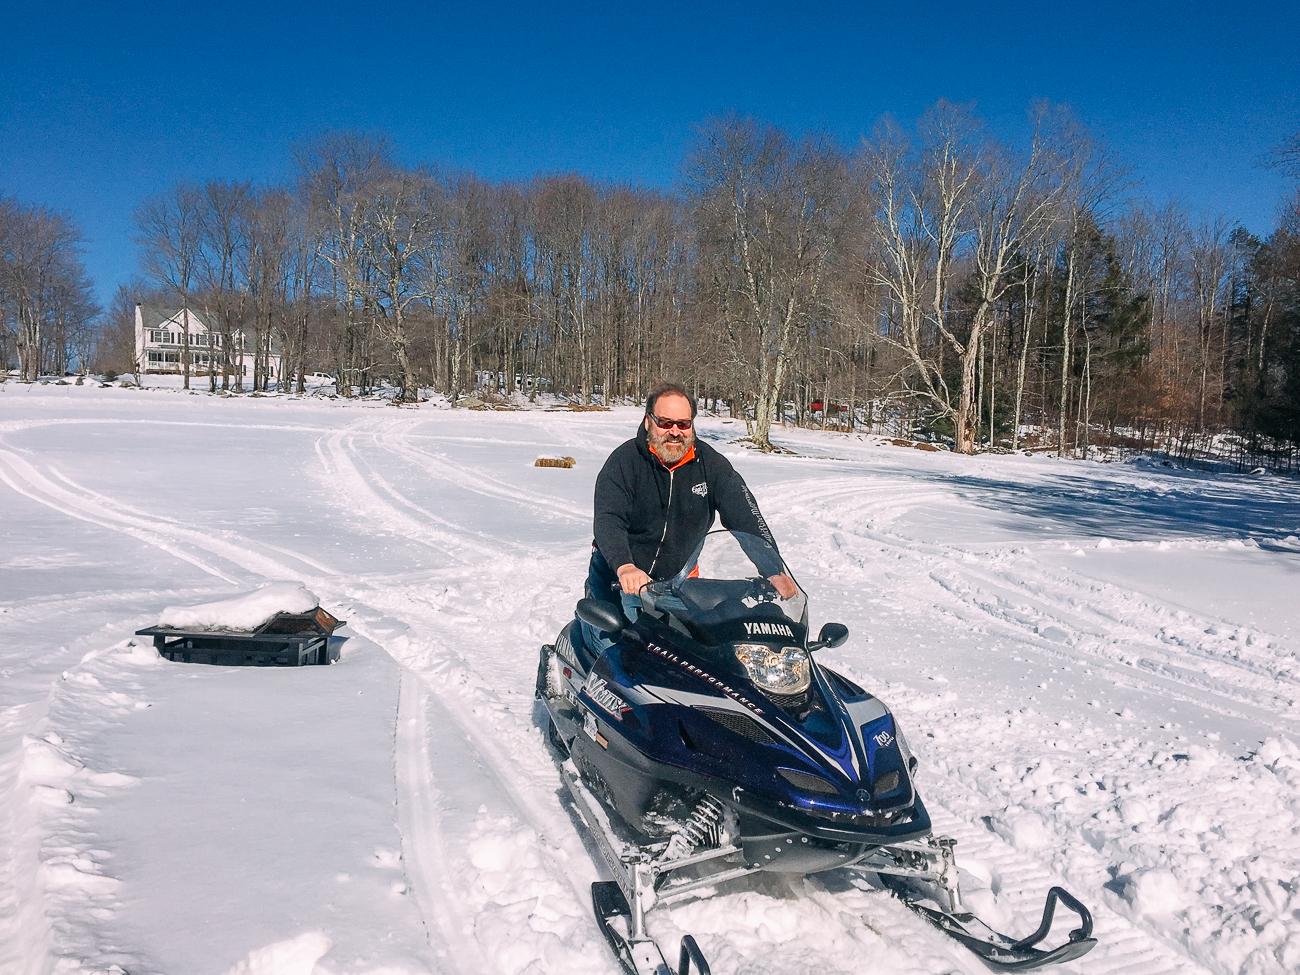 Bill's friend David on snowmobile